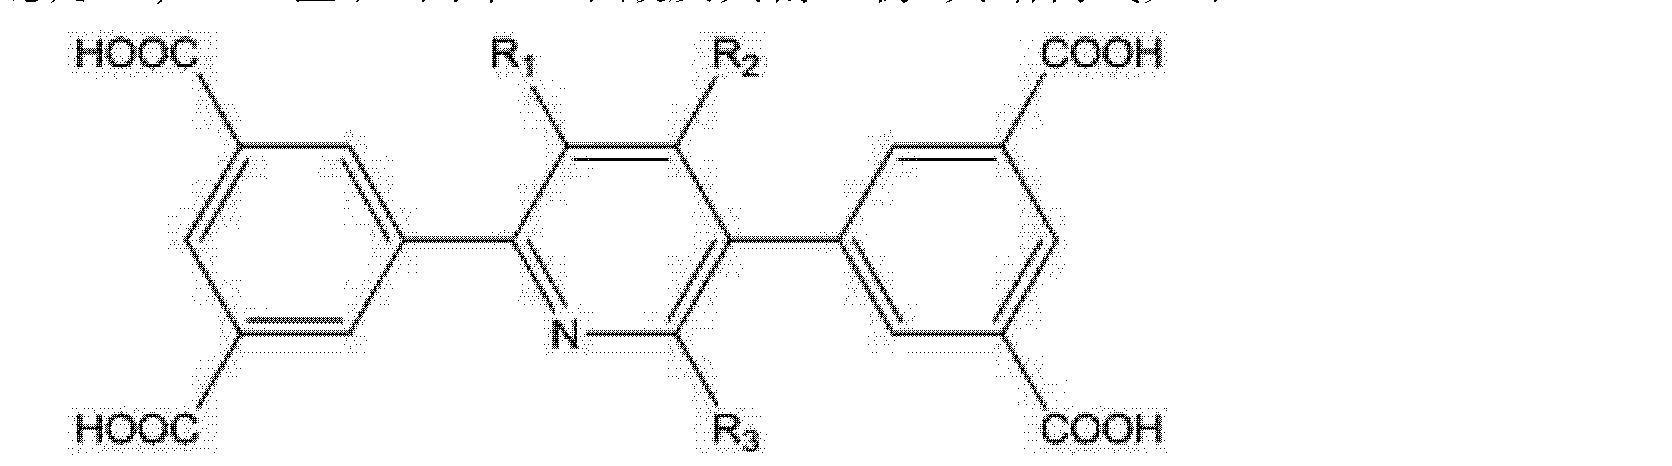 水分子沿着双螺旋结构的轴向与铜